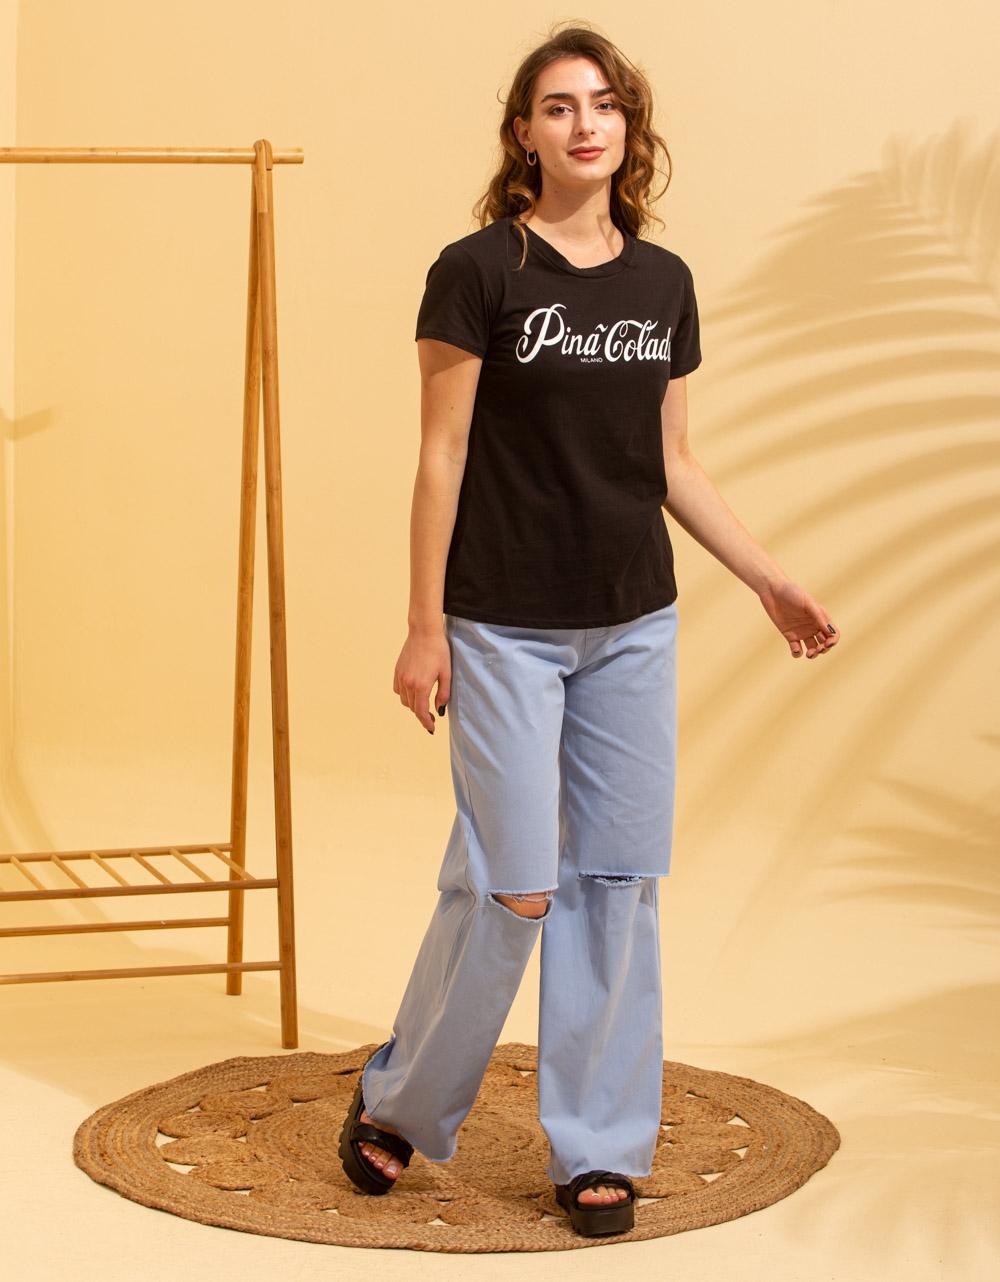 Εικόνα από Γυναικεία κοντομάνικη μπλούζα με τύπωμα Μαύρο